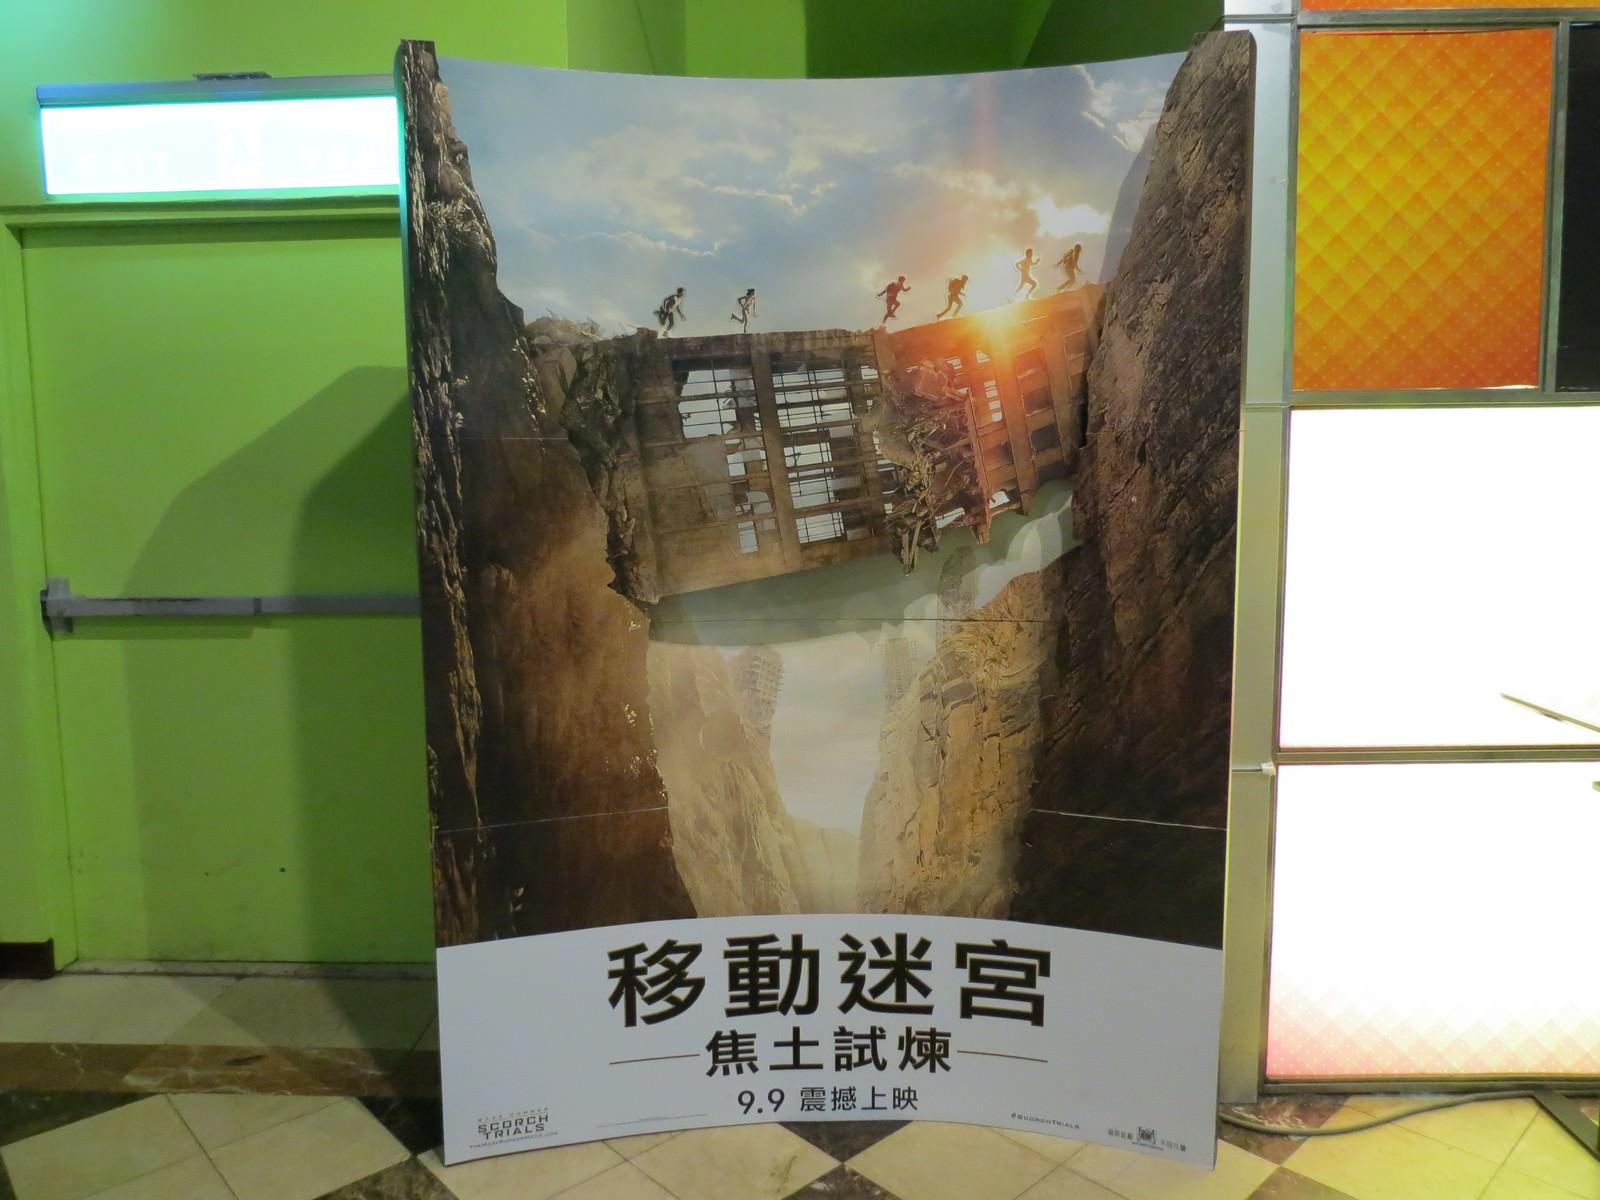 Movie, Maze Runner: The Scorch Trials(美國, 2015) / 移動迷宮:焦土試煉(台灣.香港) / 移动迷宫2(中國), 廣告看板, 哈拉影城